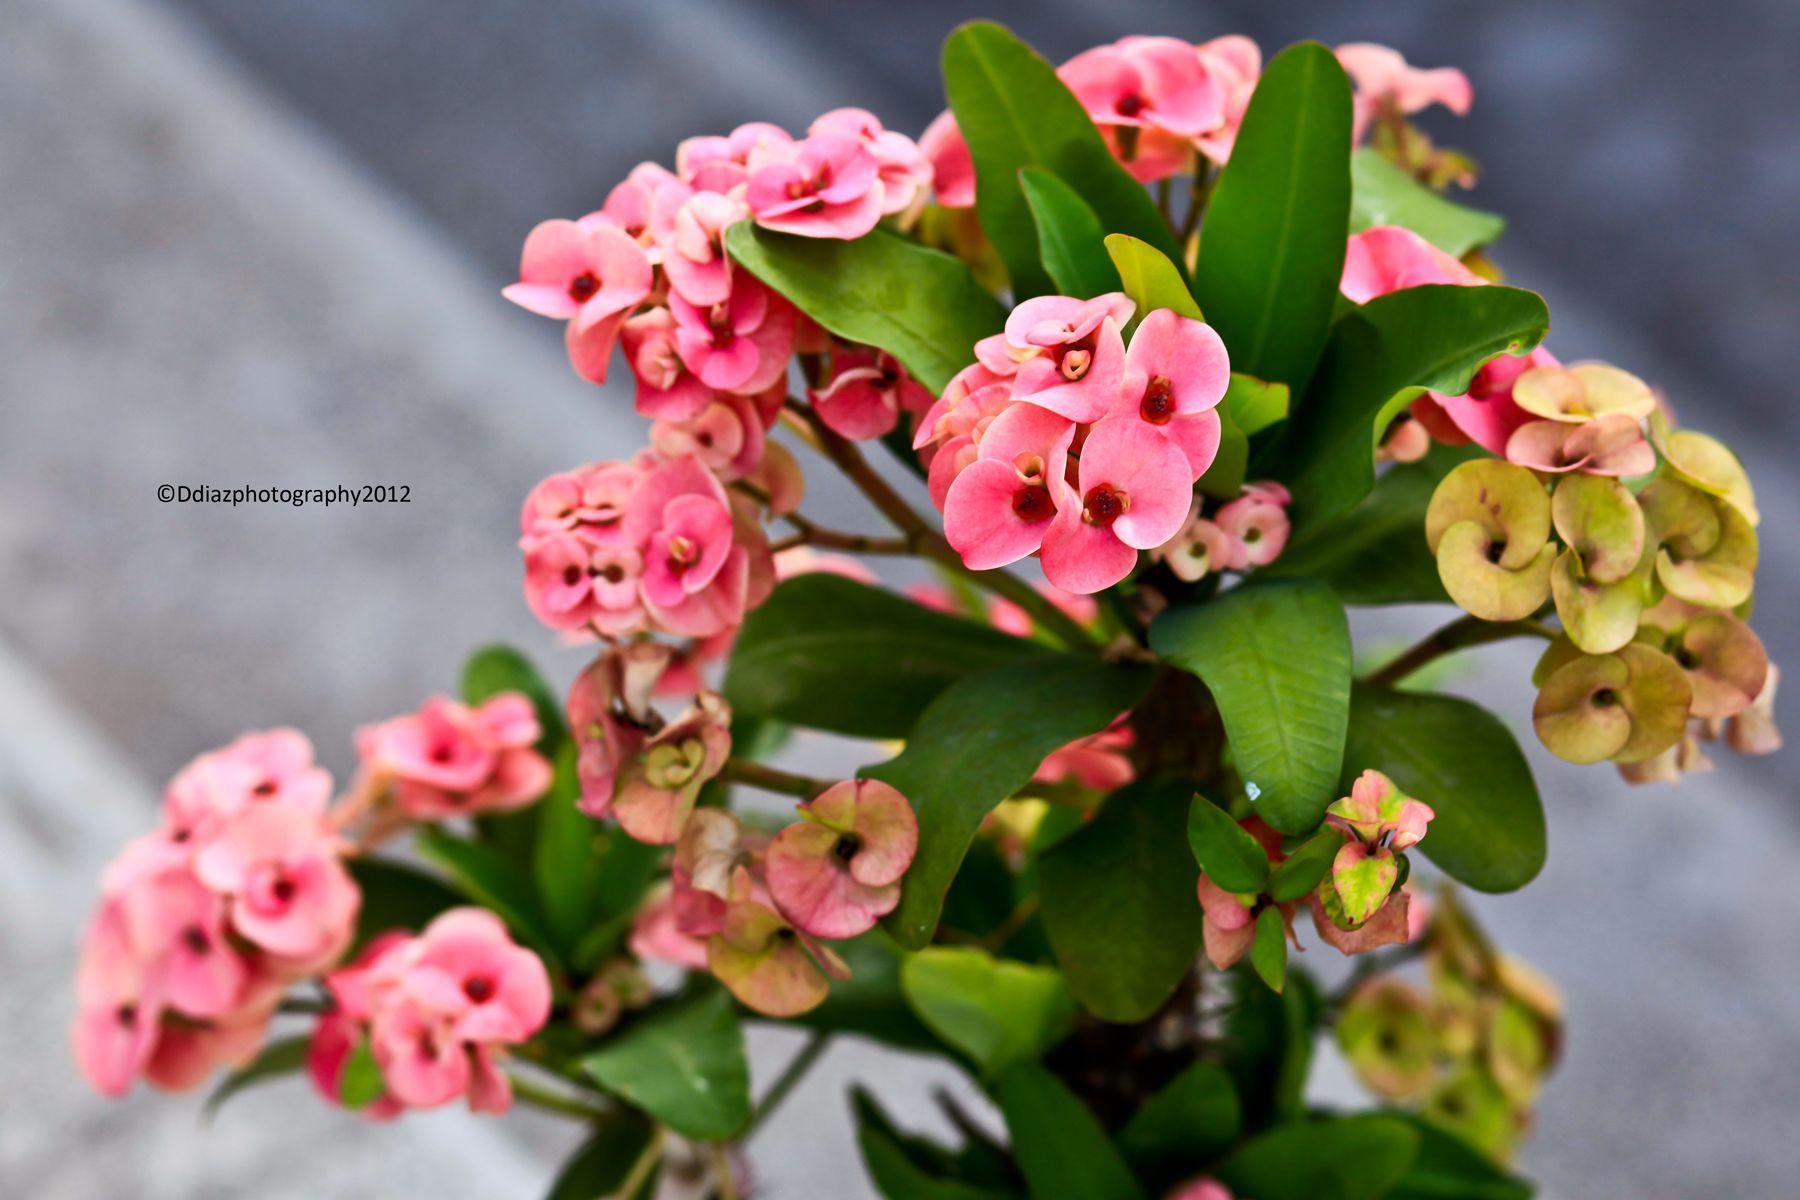 Local flowers in ilocos norte philippines floras pinterest local flowers in ilocos norte philippines izmirmasajfo